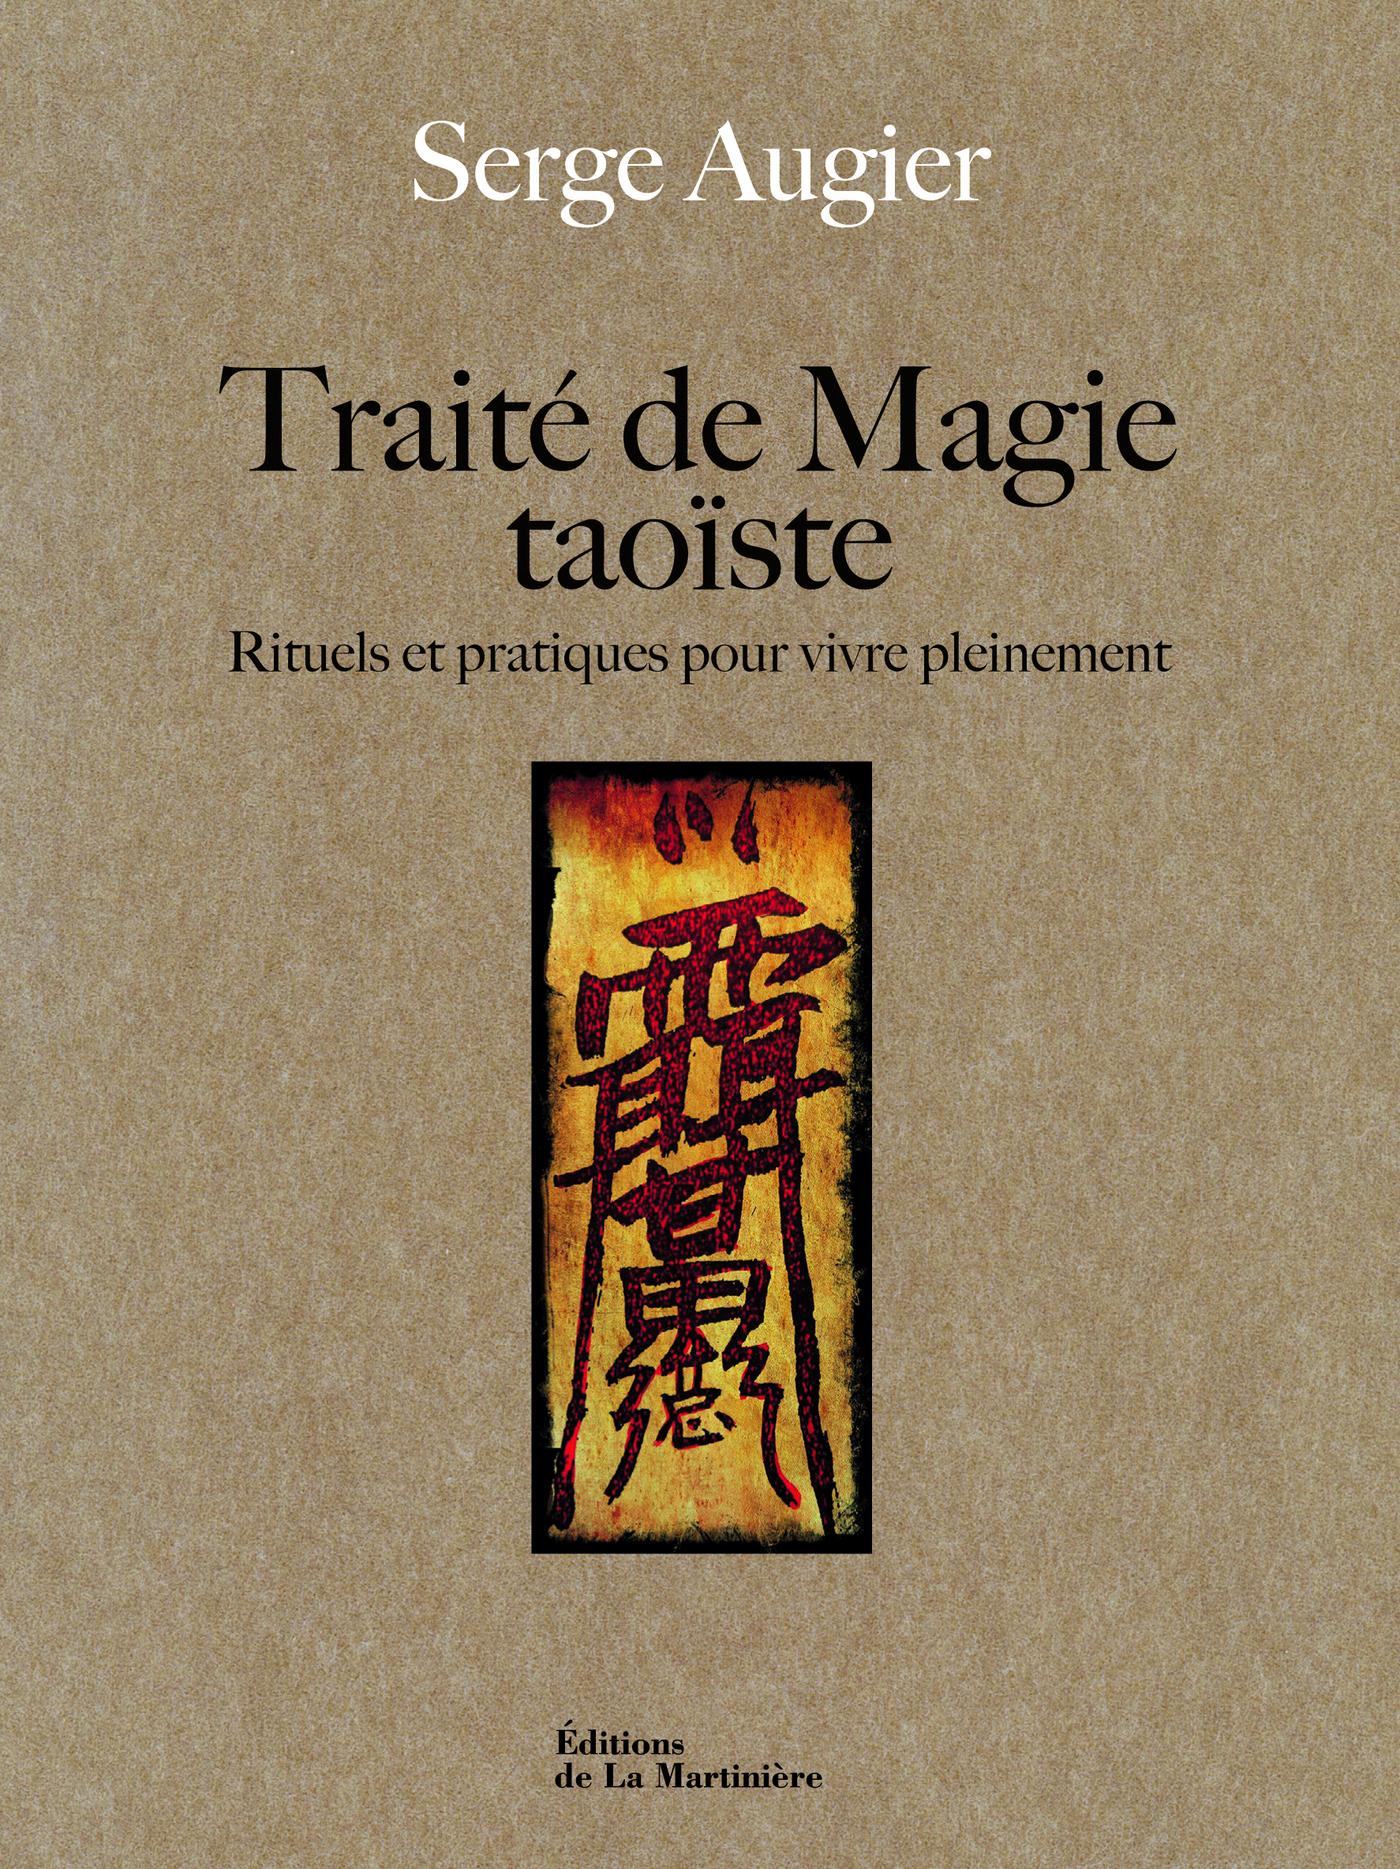 Traité de magie taoïste. Rituels et pratiques pour vivre pleinement